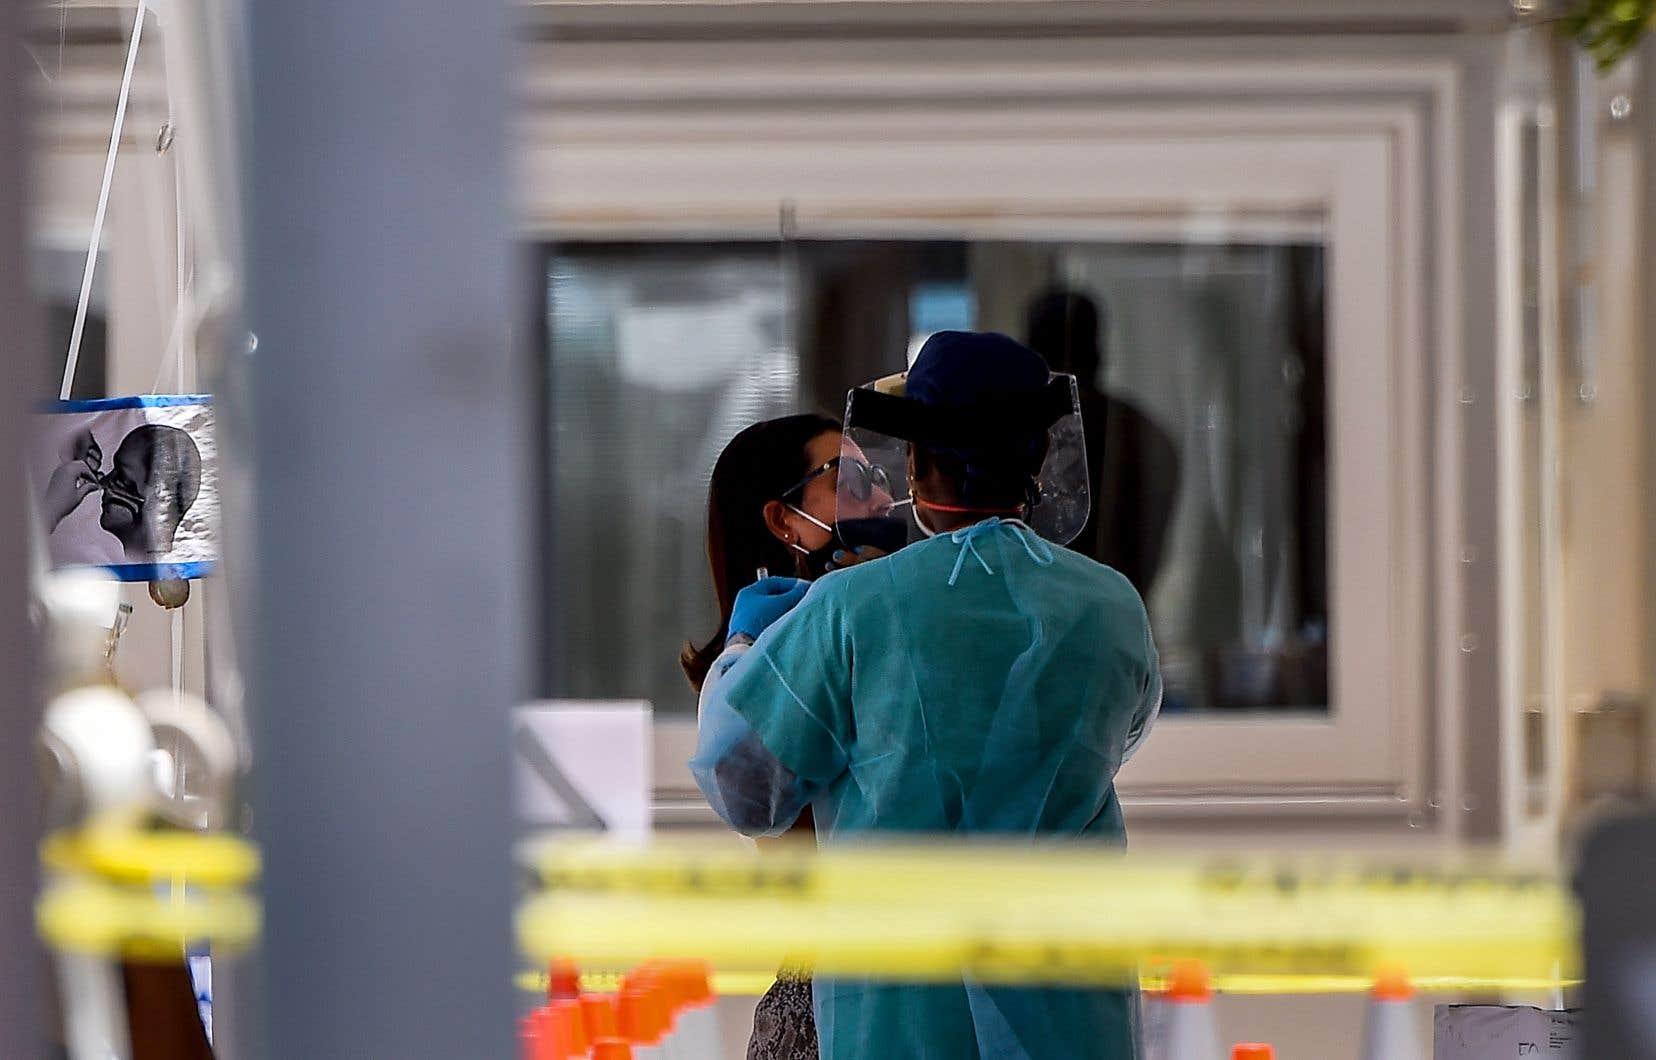 Mercredi, la Floride, État très touristique, a enregistré un nouveau record de nouvelles infections avec le chiffre de 5508. Il avait passé lundi la barre des 100 000 cas détectés de coronavirus.